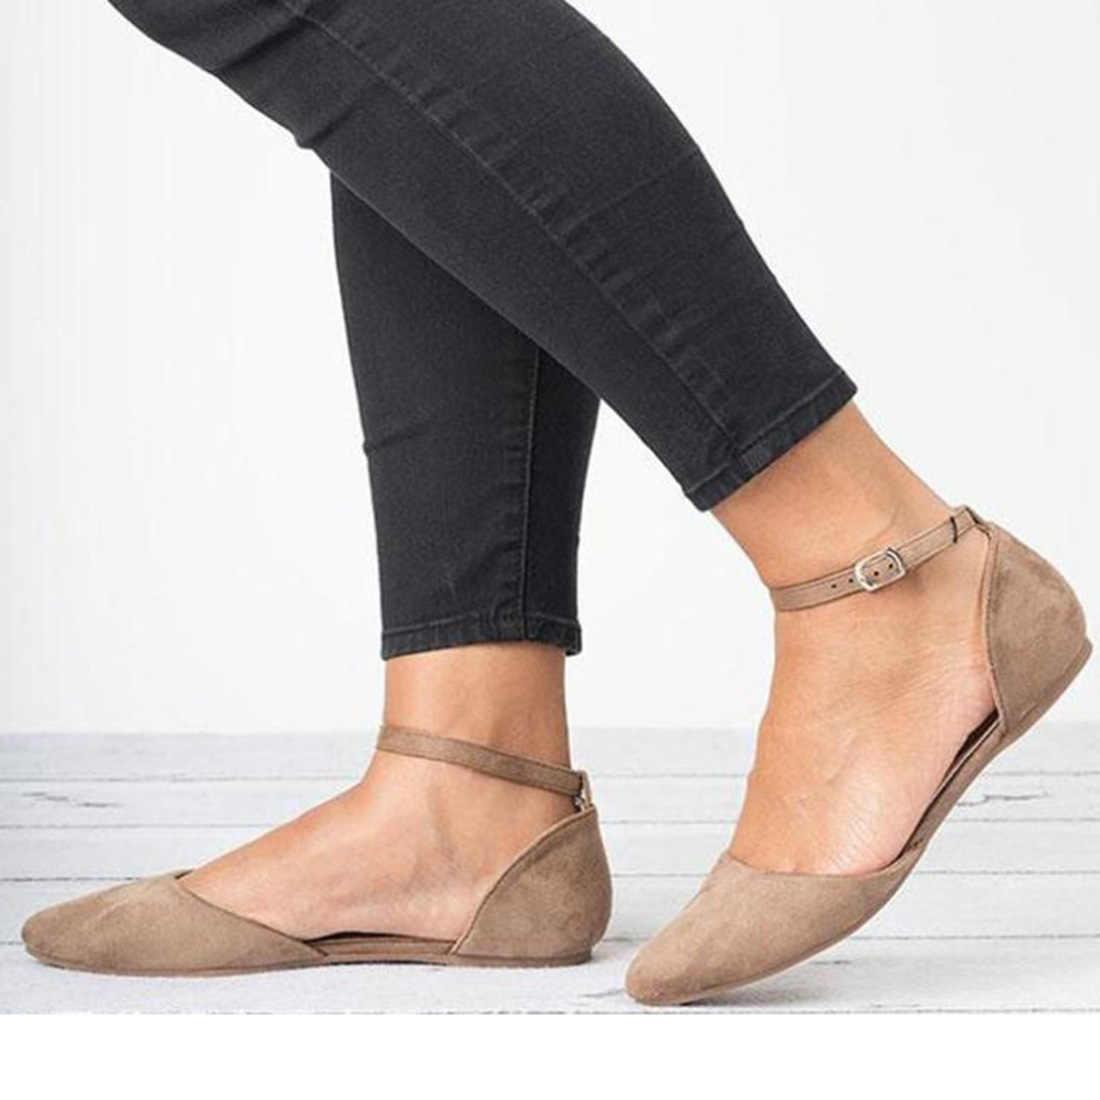 Mocassins planos para a mulher verão praça toe ballet apartamentos casual deslizamento em sapatos femininos conforto rasa sapatos de couro plano